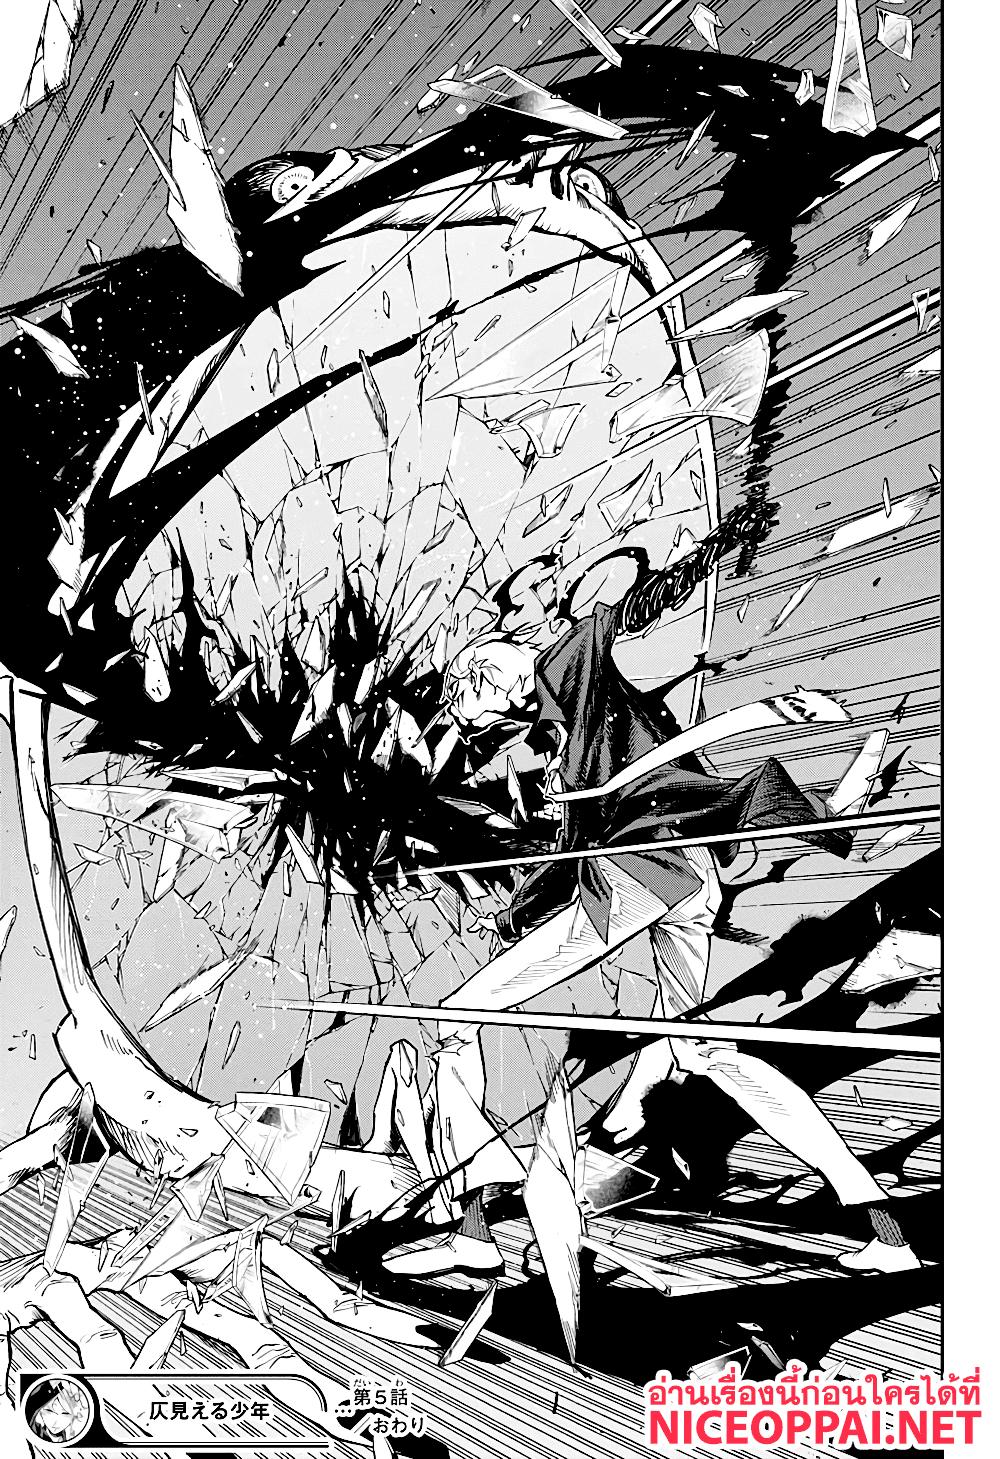 อ่านการ์ตูน Phantom Seer ตอนที่ 5 หน้าที่ 19